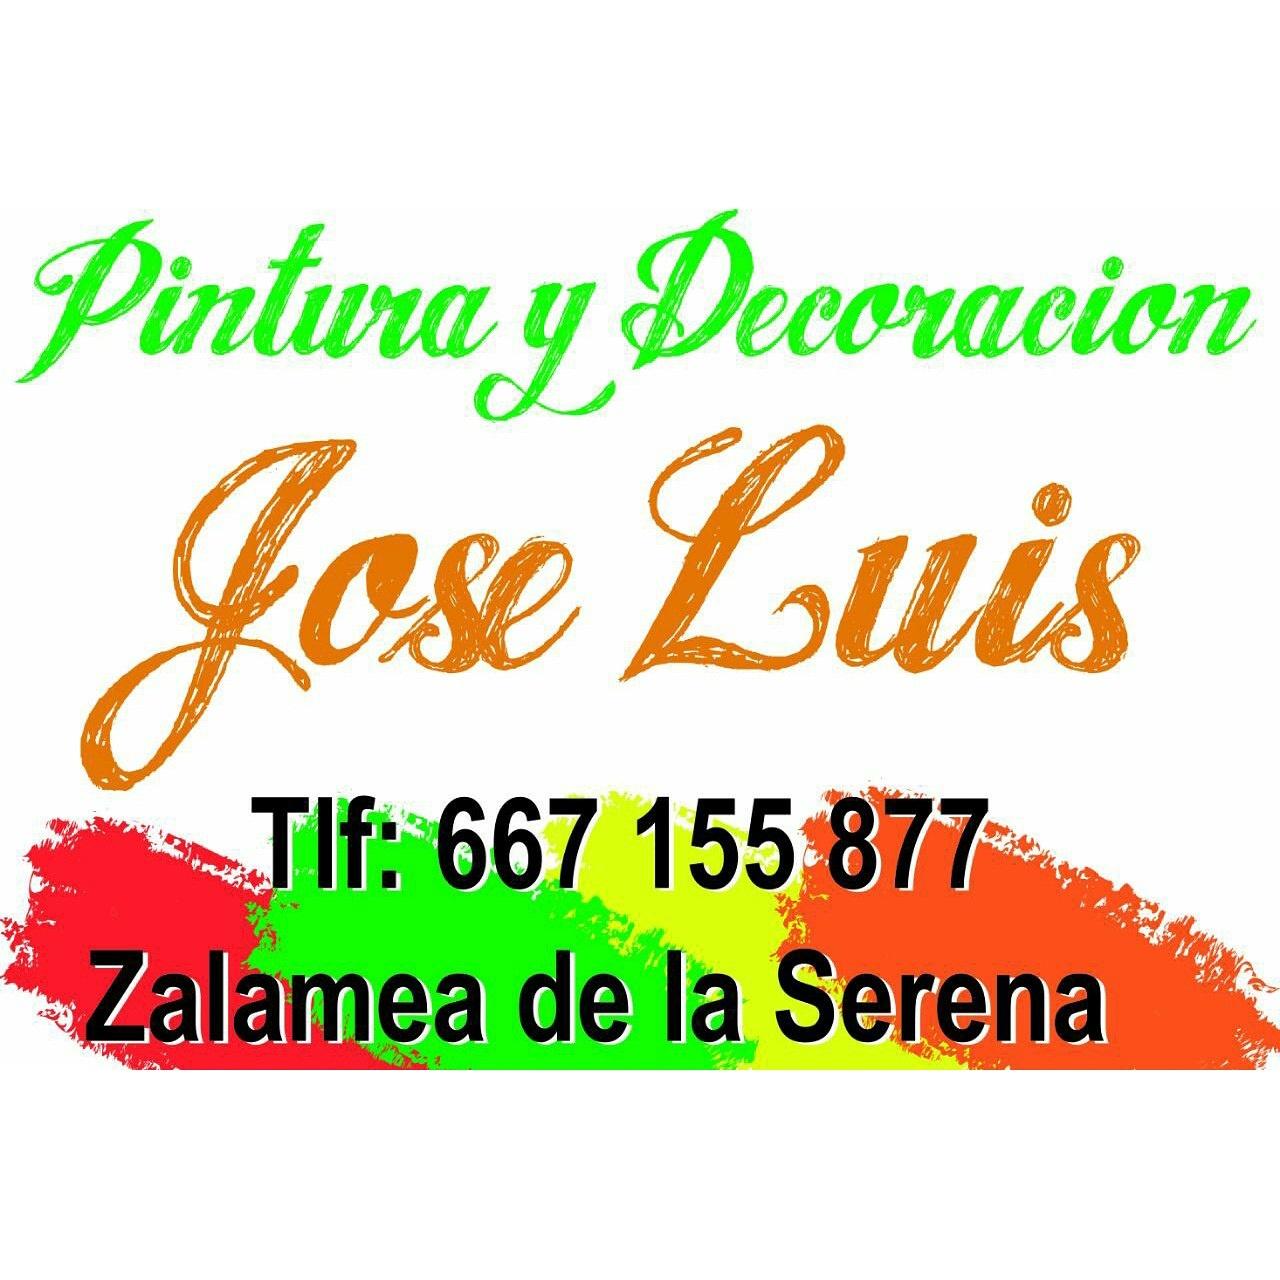 PINTURAS JOSE LUIS